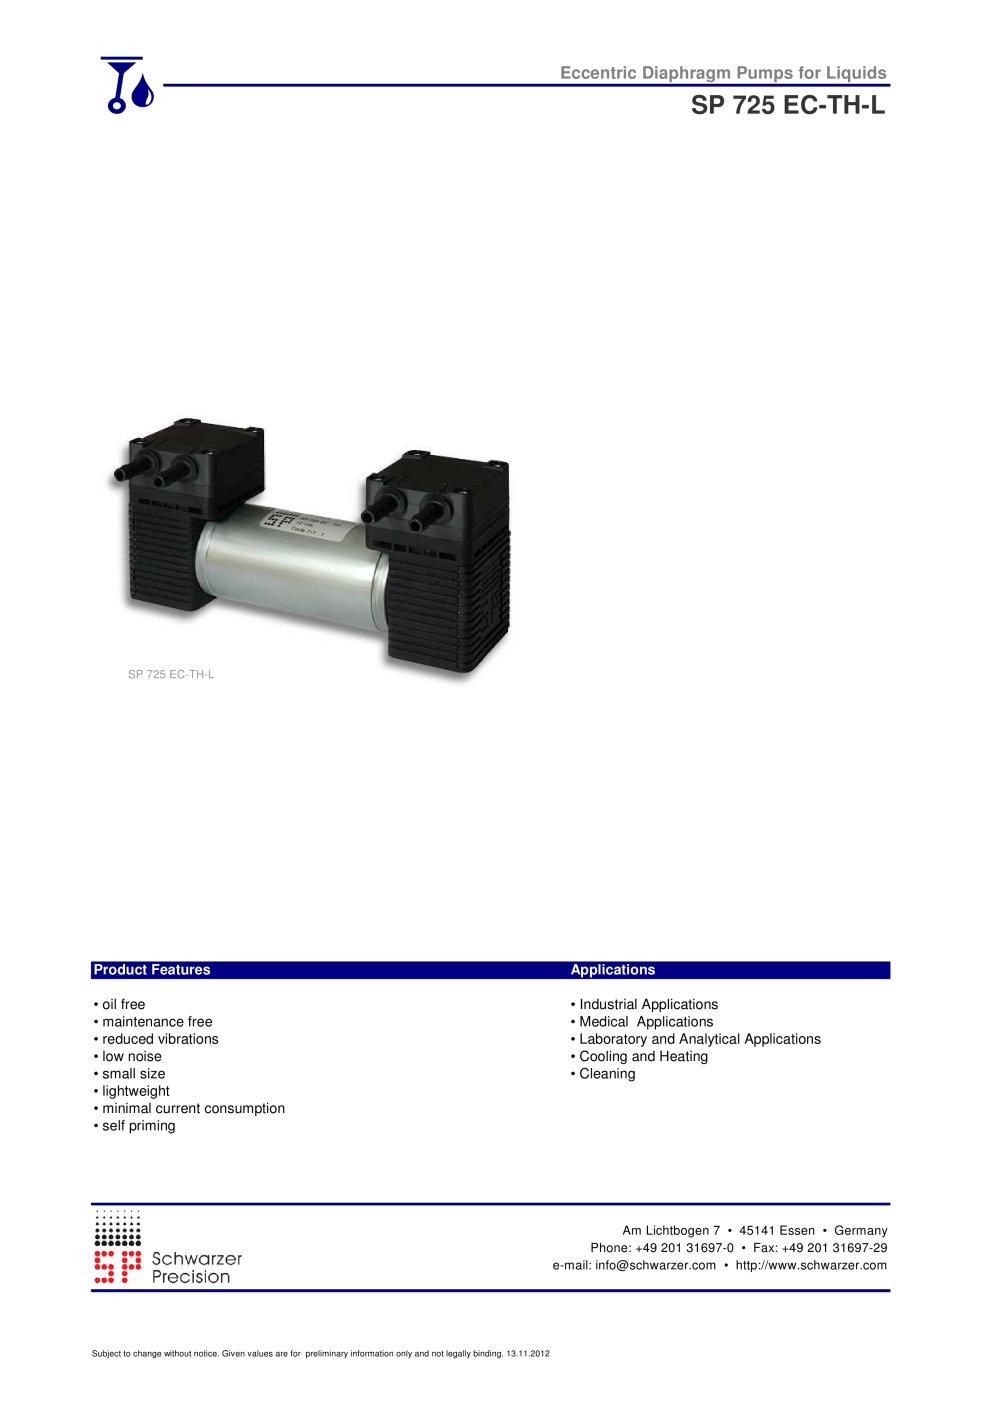 725 ec th l dc eccentric diaphragm pumps schwarzer precision 725 ec th l dc eccentric diaphragm pumps 1 3 pages ccuart Image collections